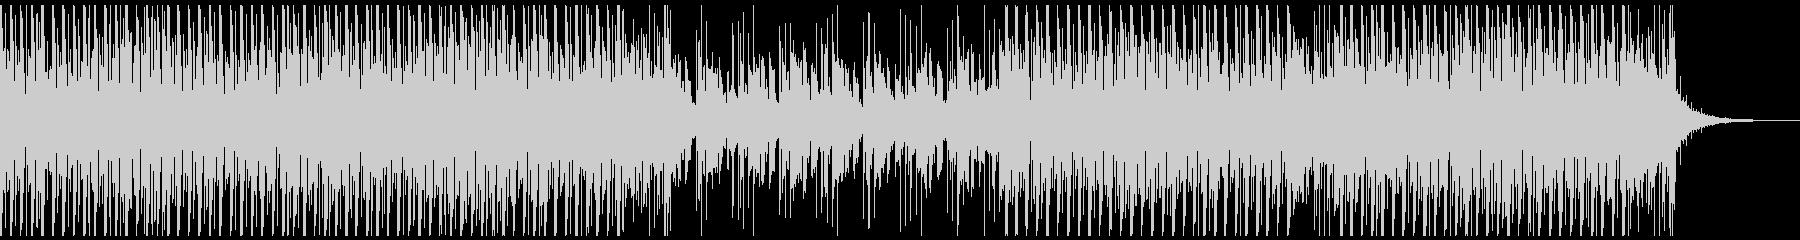 サンシャイン(中)の未再生の波形